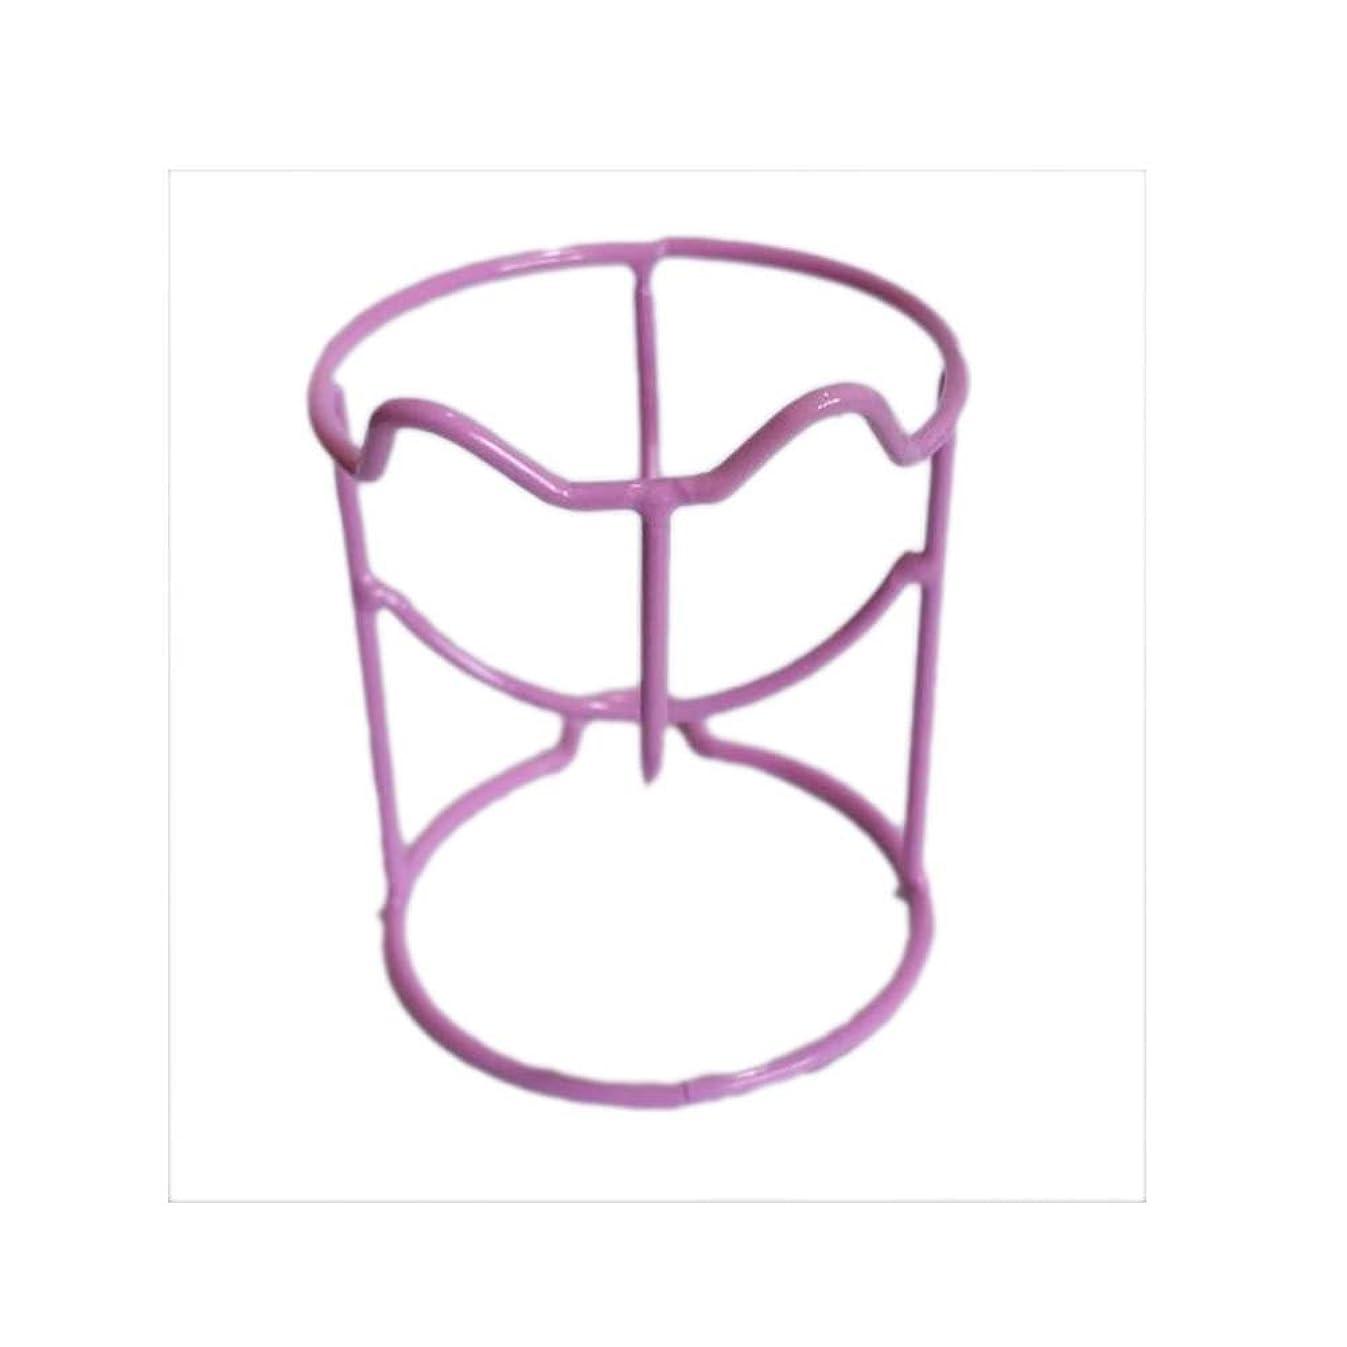 ストッキングとにかくウェーハ2乾燥ホルダーラックメイク卵パウダーパフスポンジディスプレイスタンドのセット